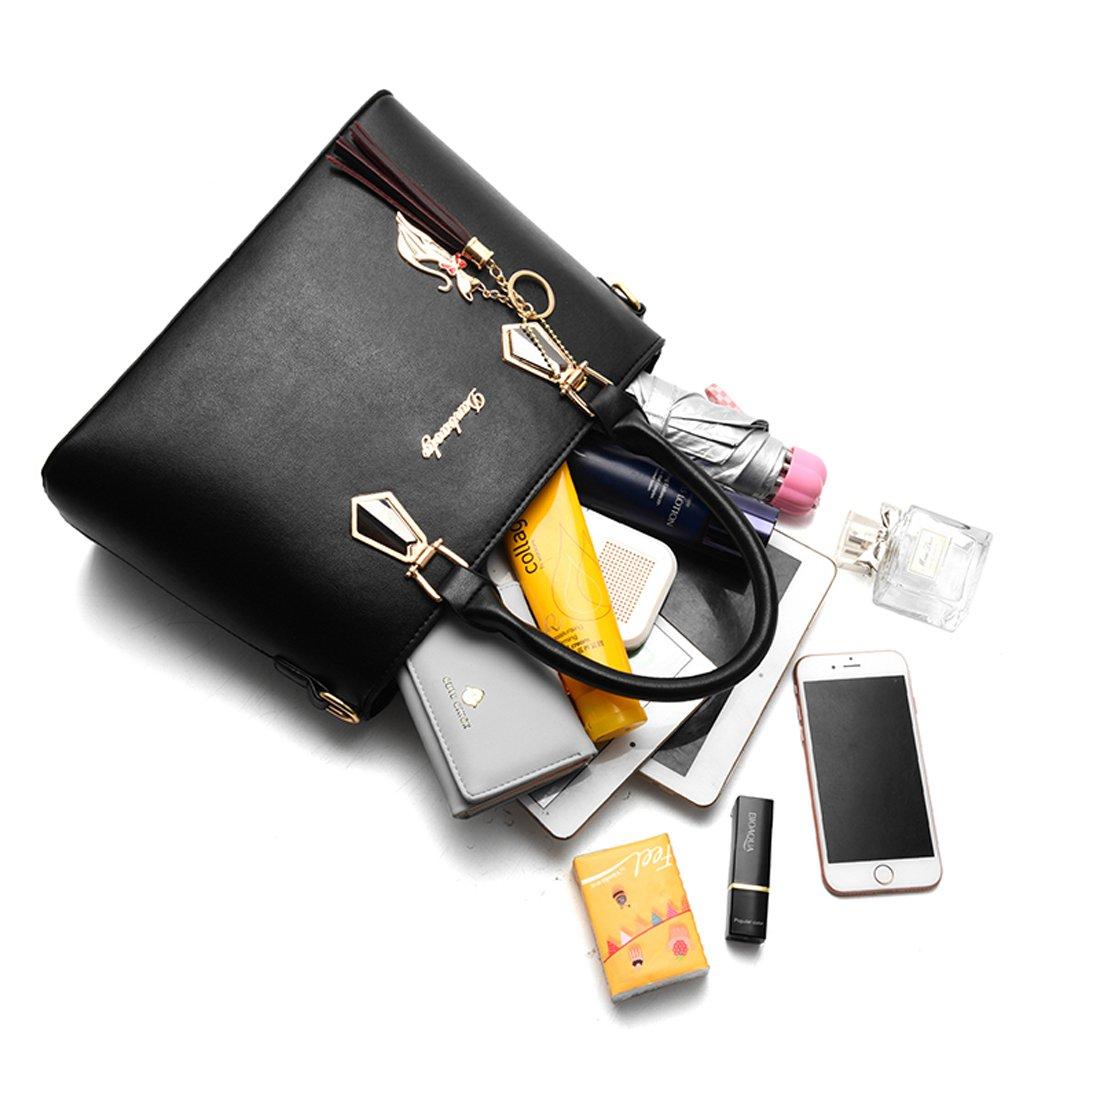 BOFUTE Damen-Umhängetaschen, Handtaschen, PU-Leder, leger, mit Reißverschluss, wasserdicht, 2 Stück Stück Stück B07CN9MGMH Schultertaschen Elegante Farbe 4d26e4